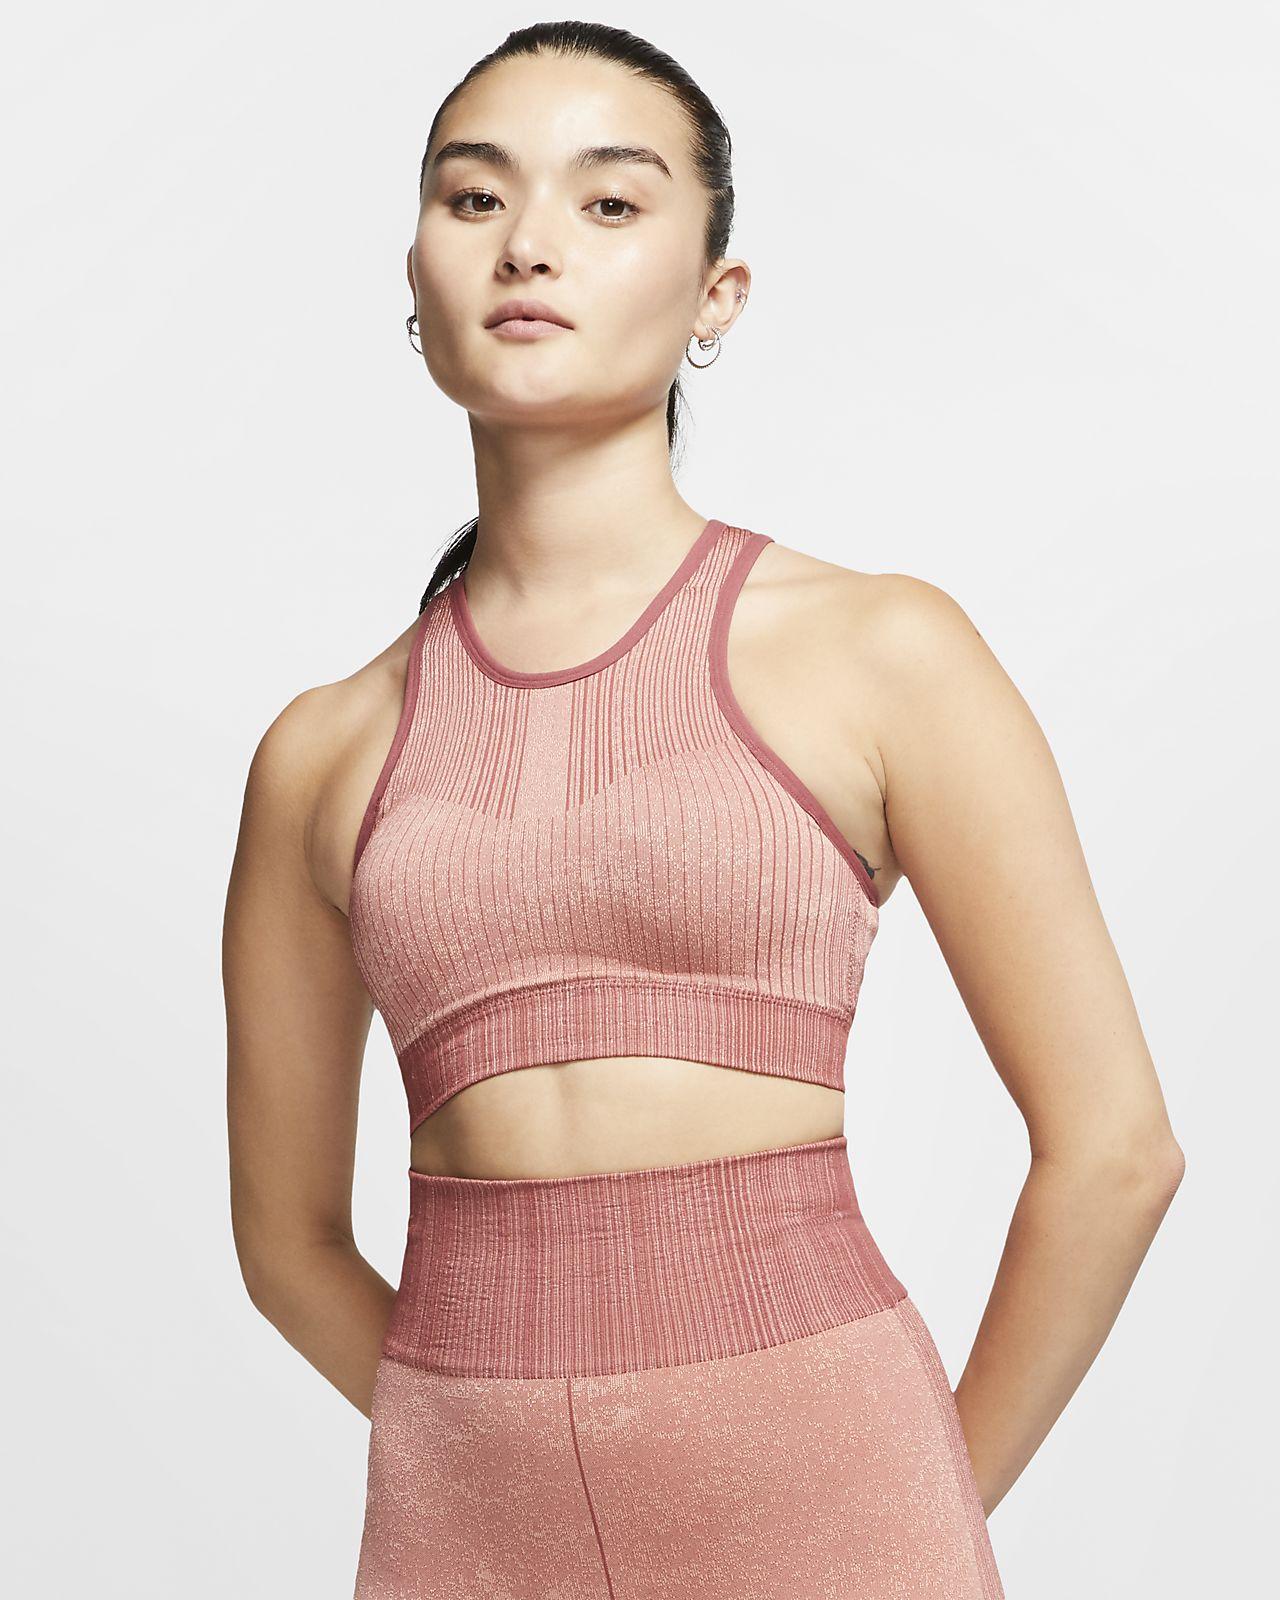 Nike City Ready Sujetador deportivo de sujeción ligera sin costuras - Mujer